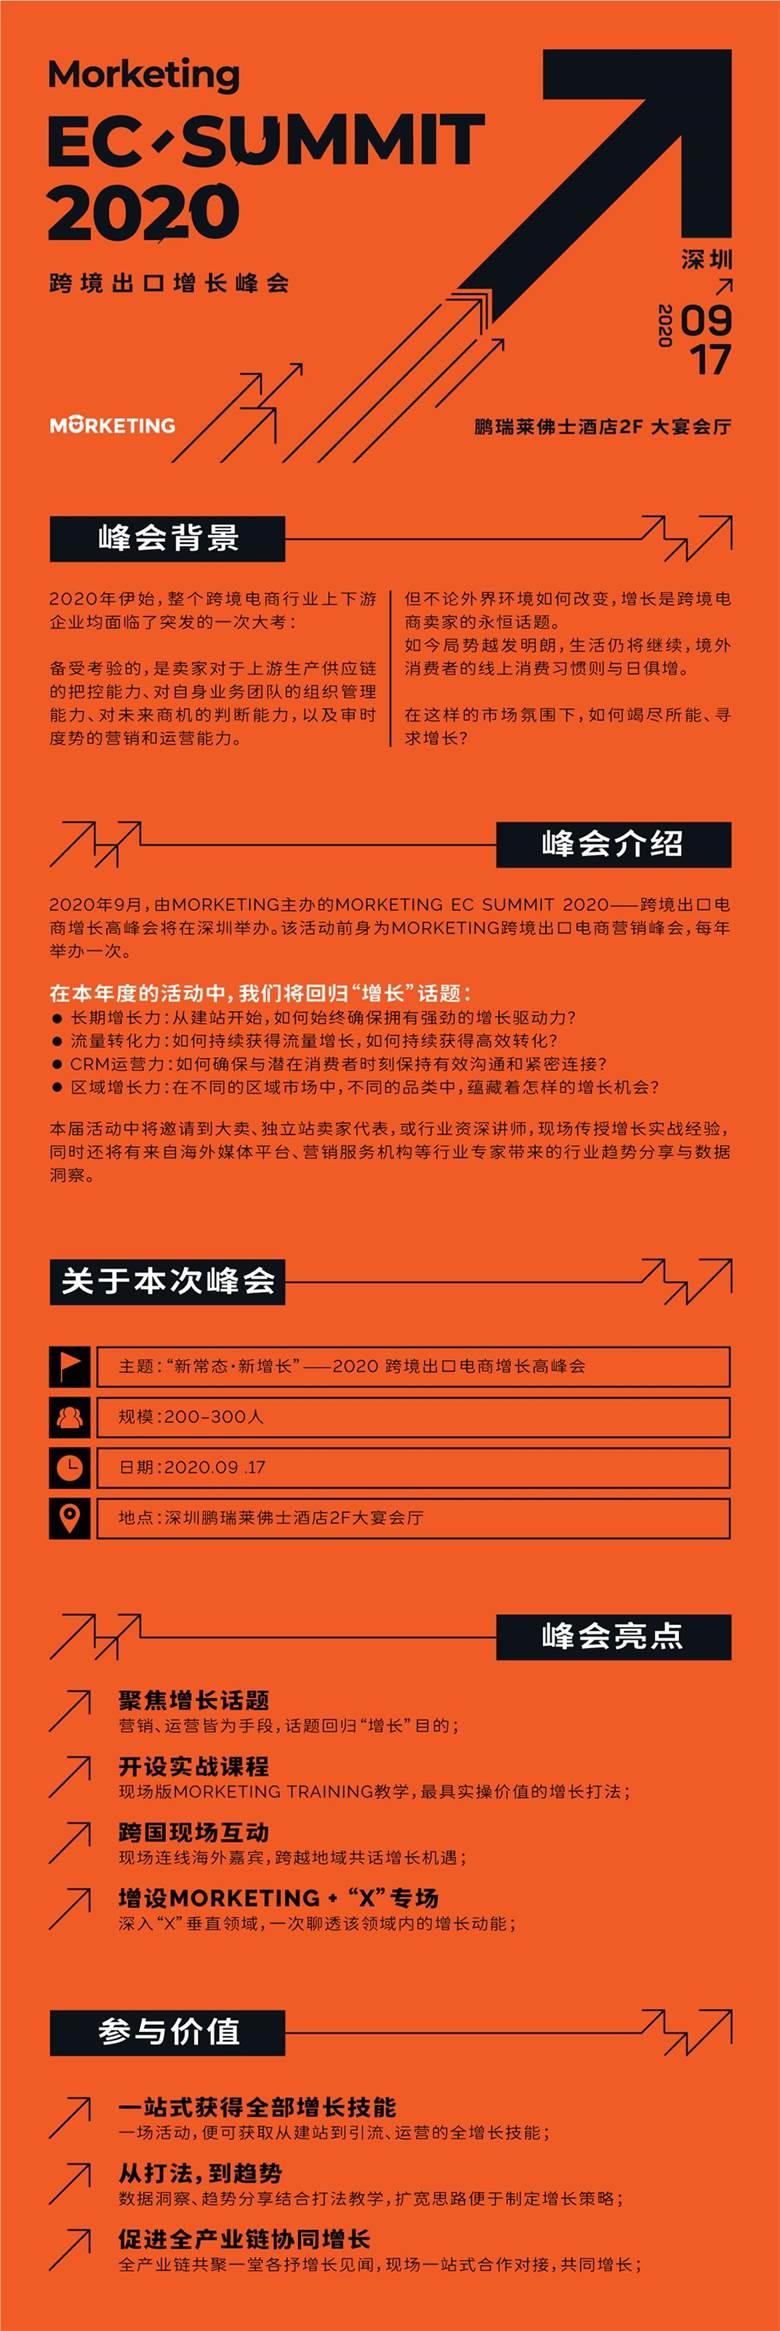 01-活动行头图-峰会背景.jpg